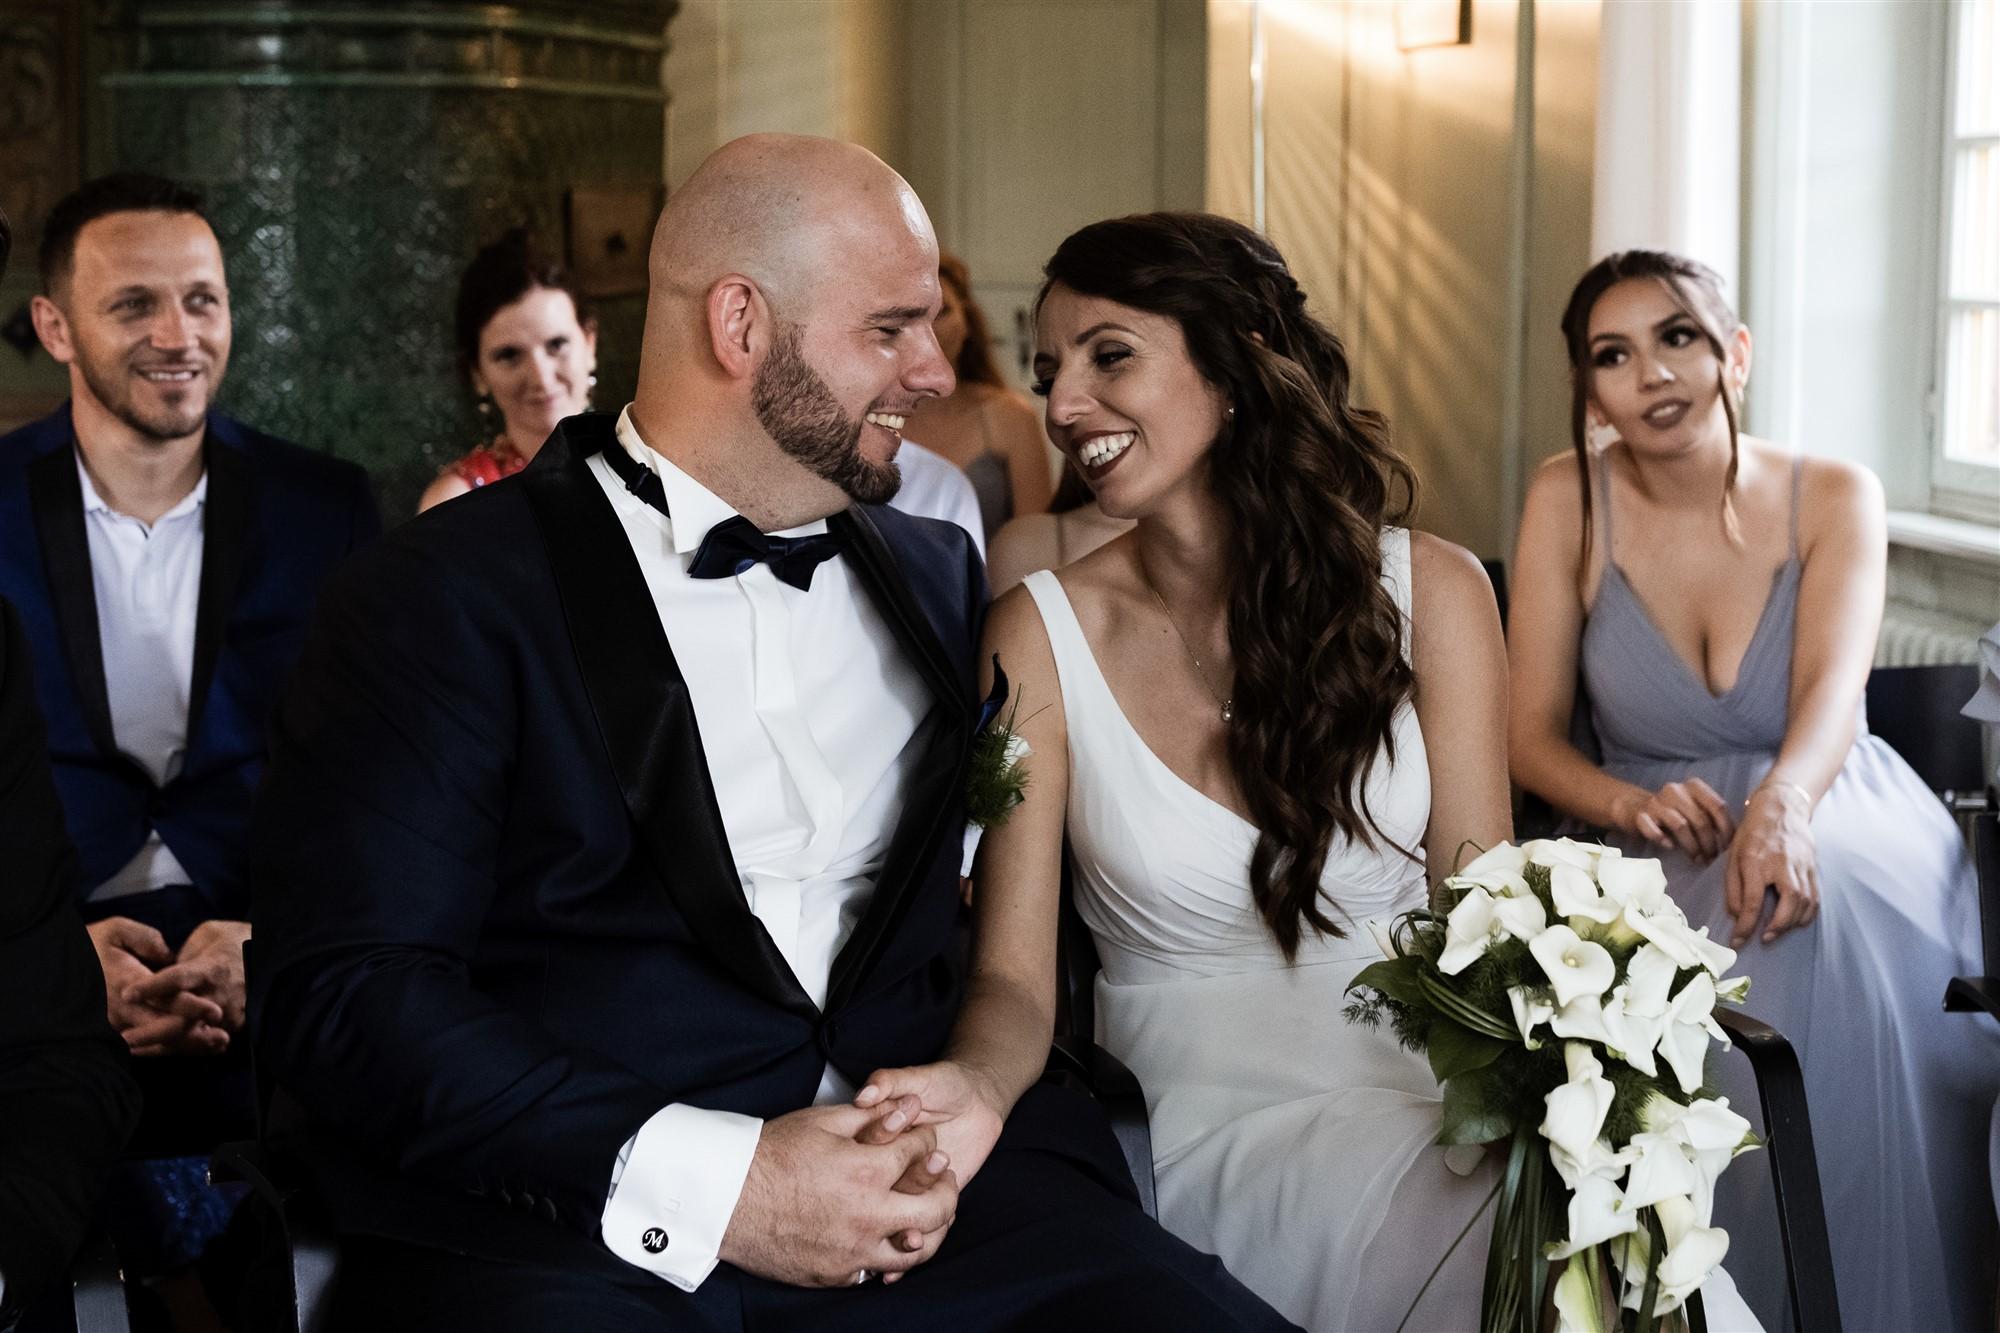 Hochzeit Schloss Wildenstein - Das glückliche Brautpaar bei der Trauung